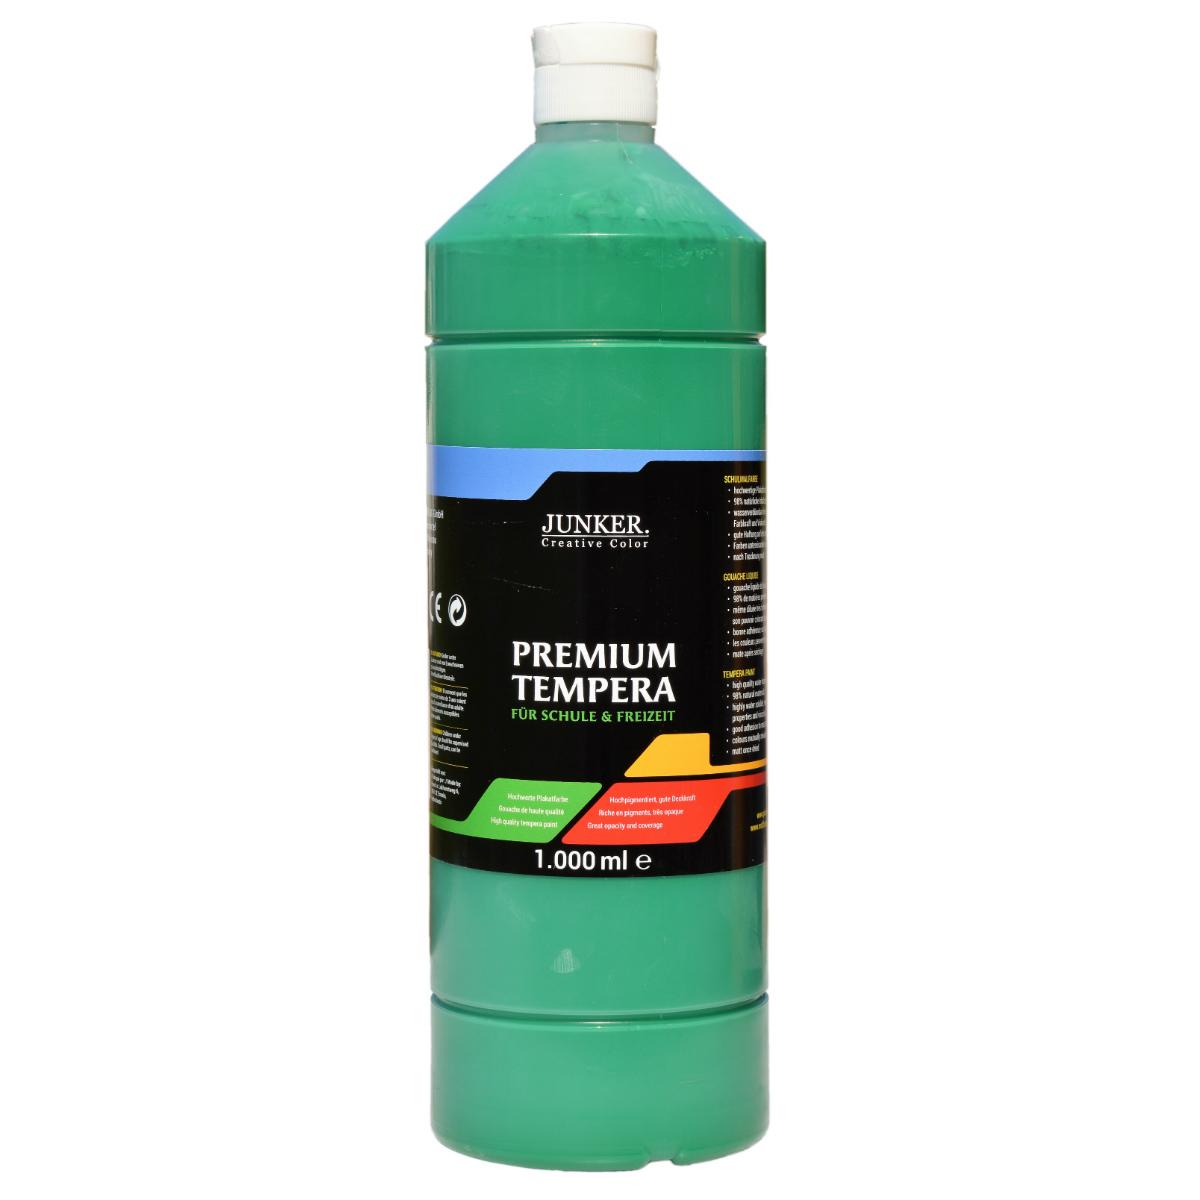 Piccolino Schulmalfarbe 1000ml dunkelgrün - Premium Color - Gouache Schultempera